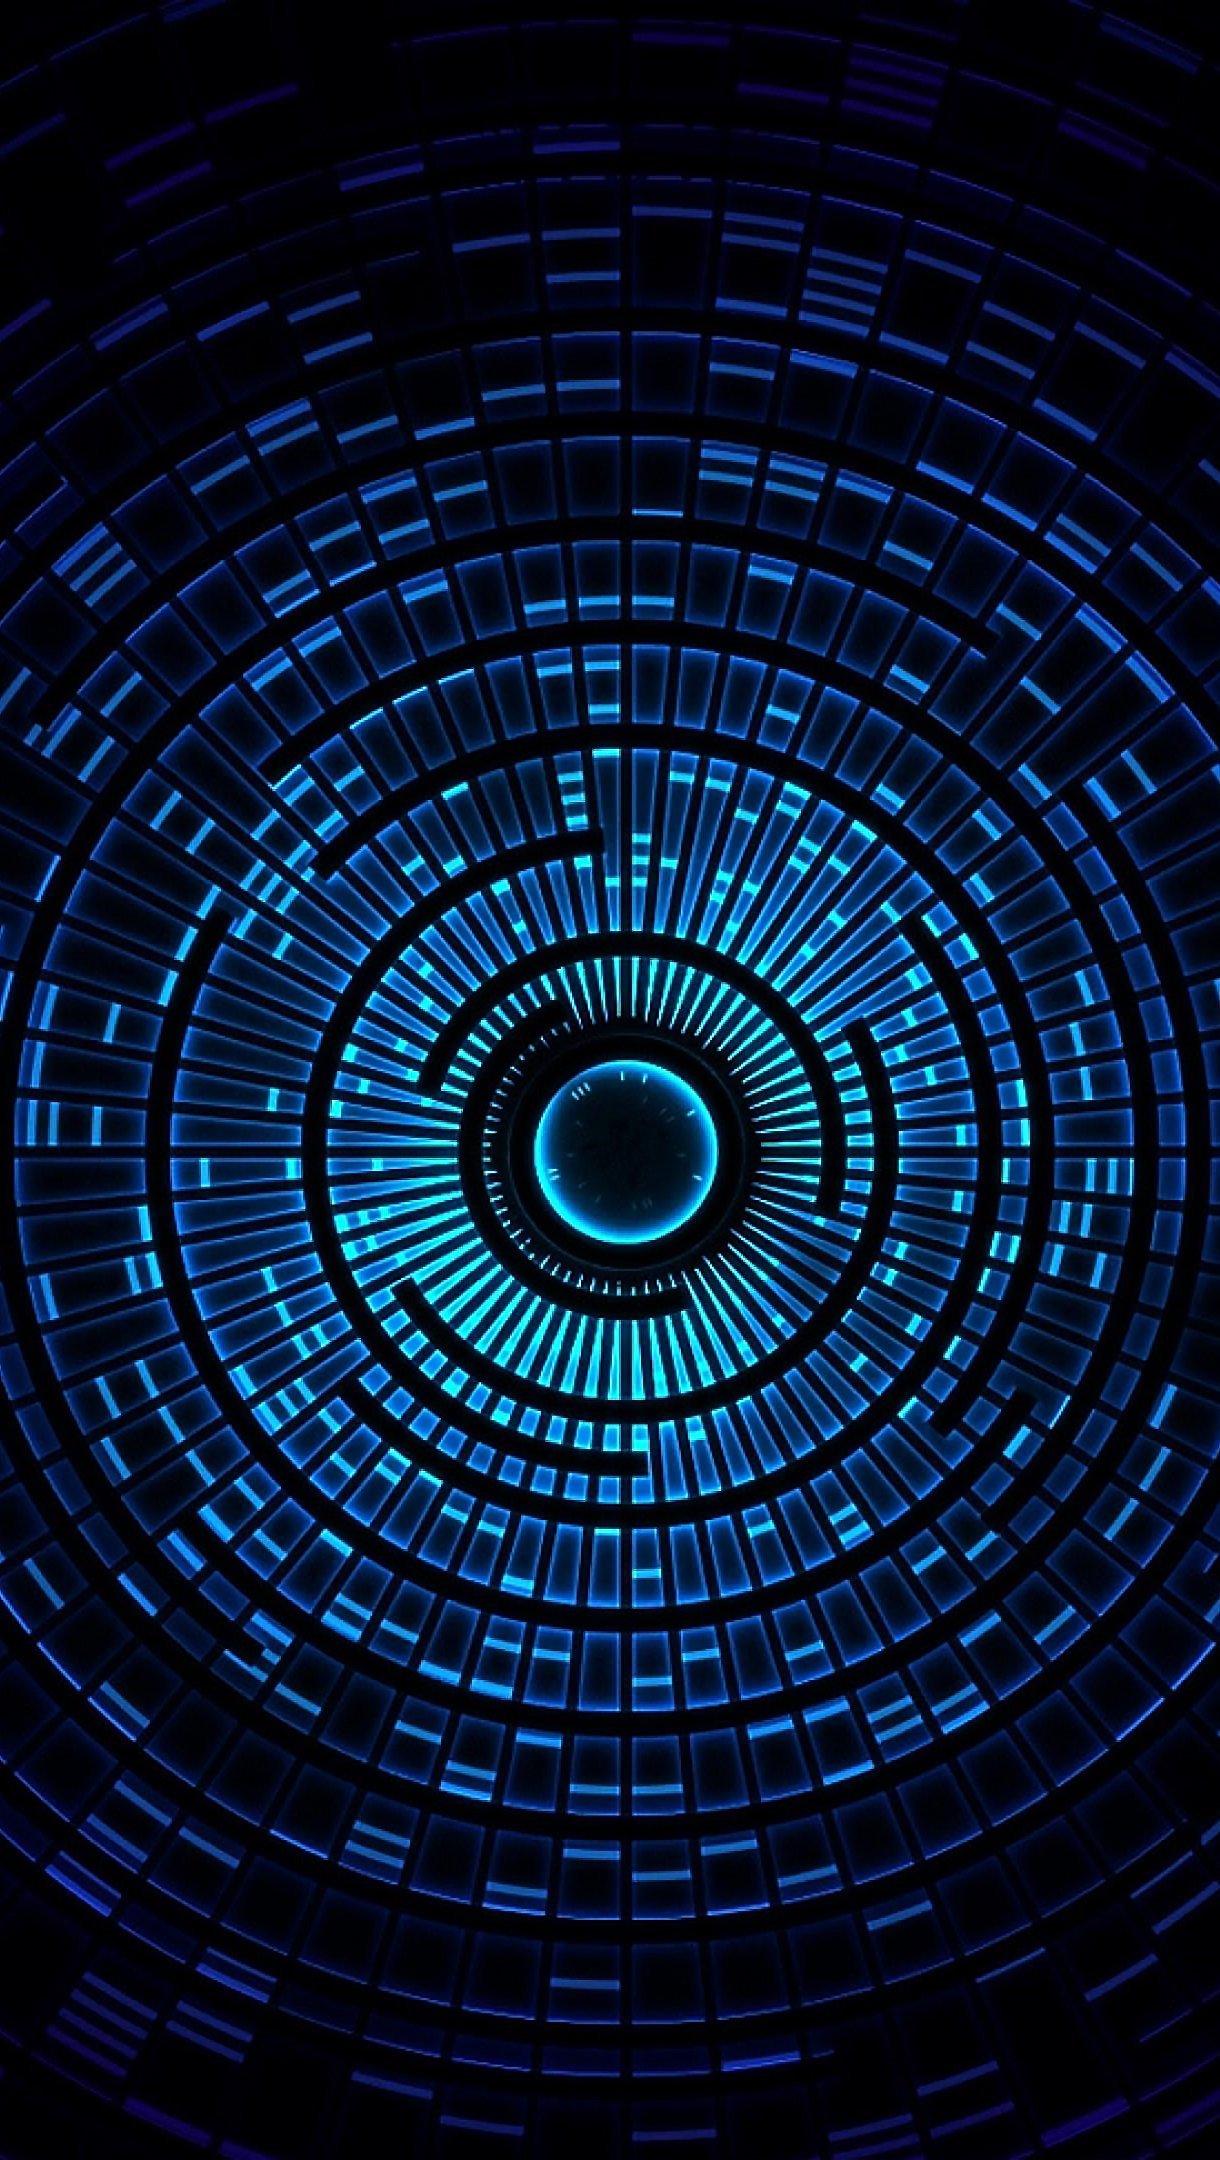 Wallpaper Vórtice azul 3D Vertical